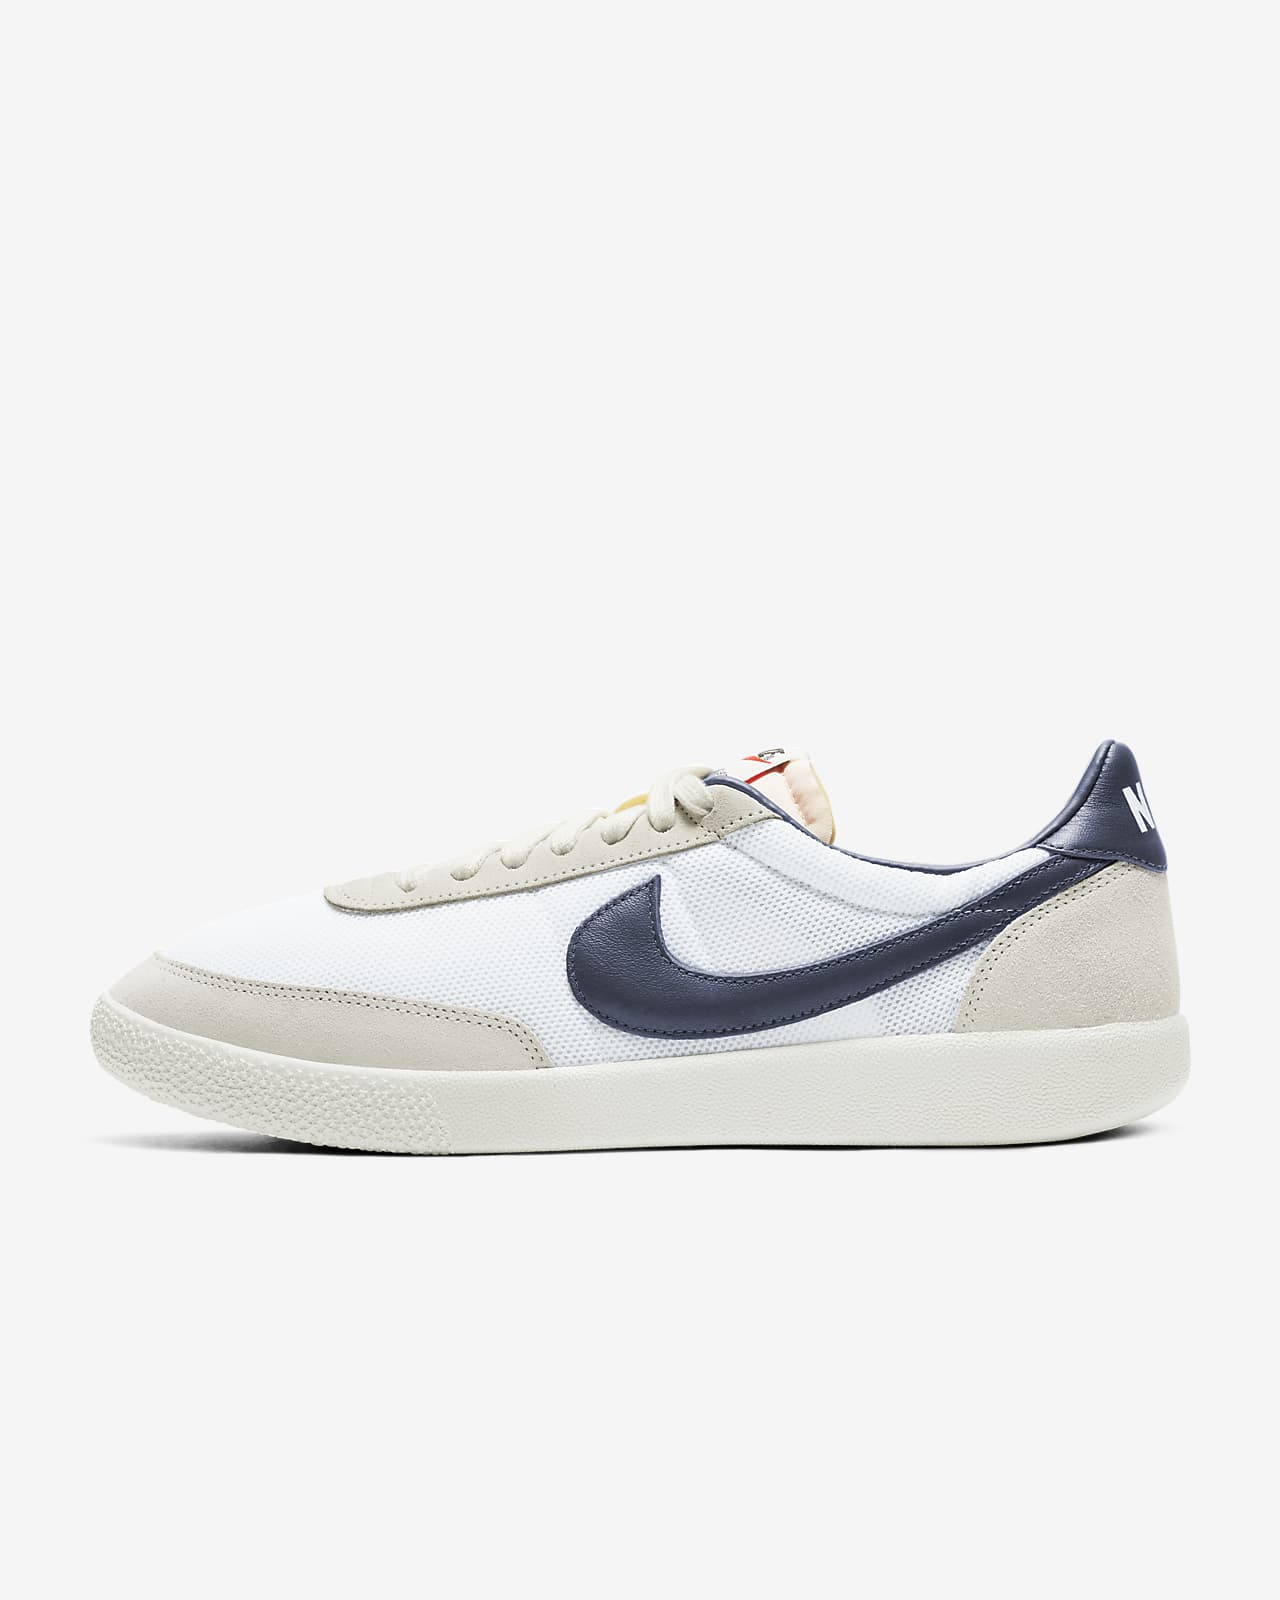 Nike Killshot OG SP Men's Shoe. Nike LU